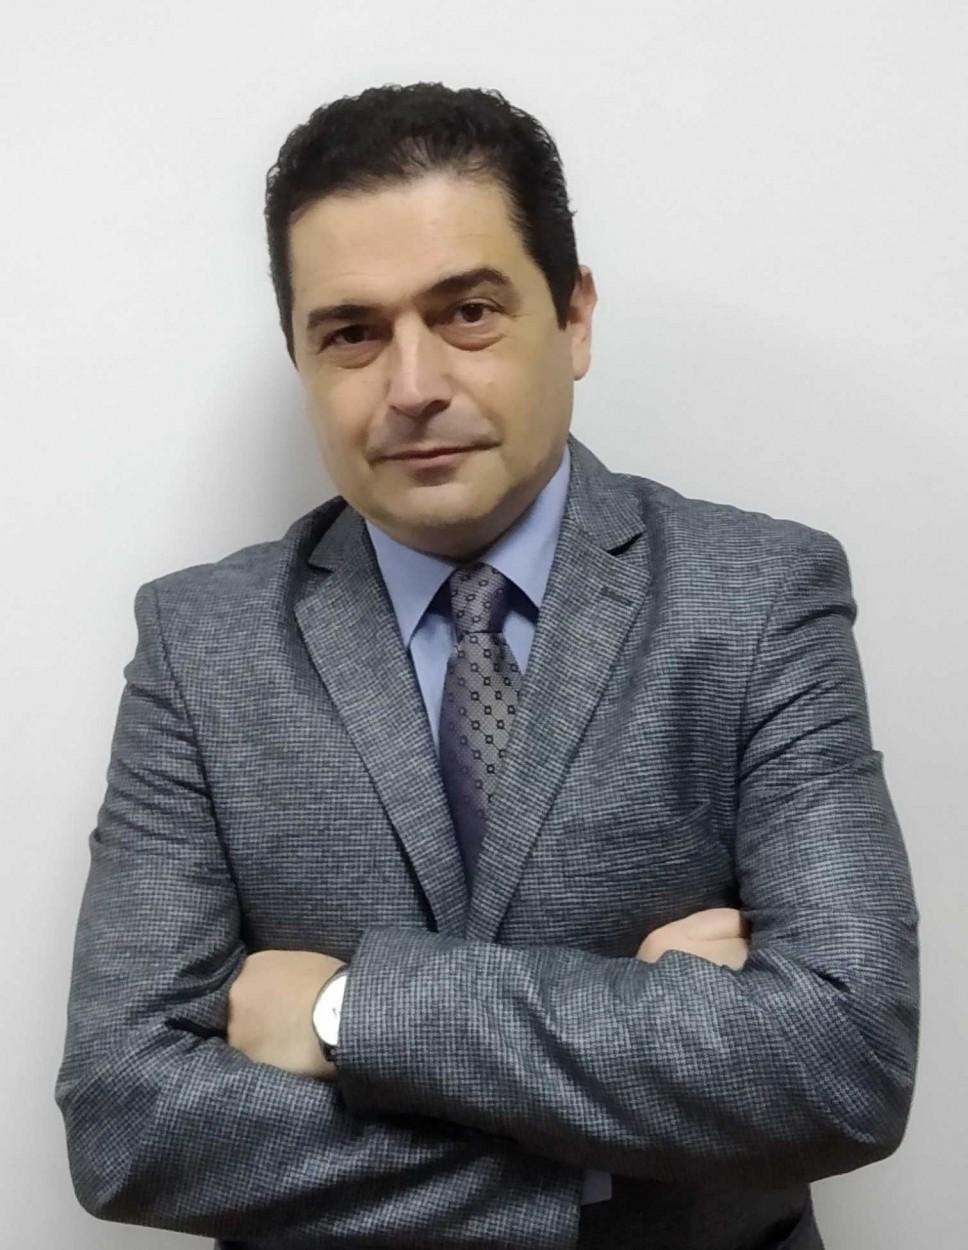 Biografija - Čurović Milić